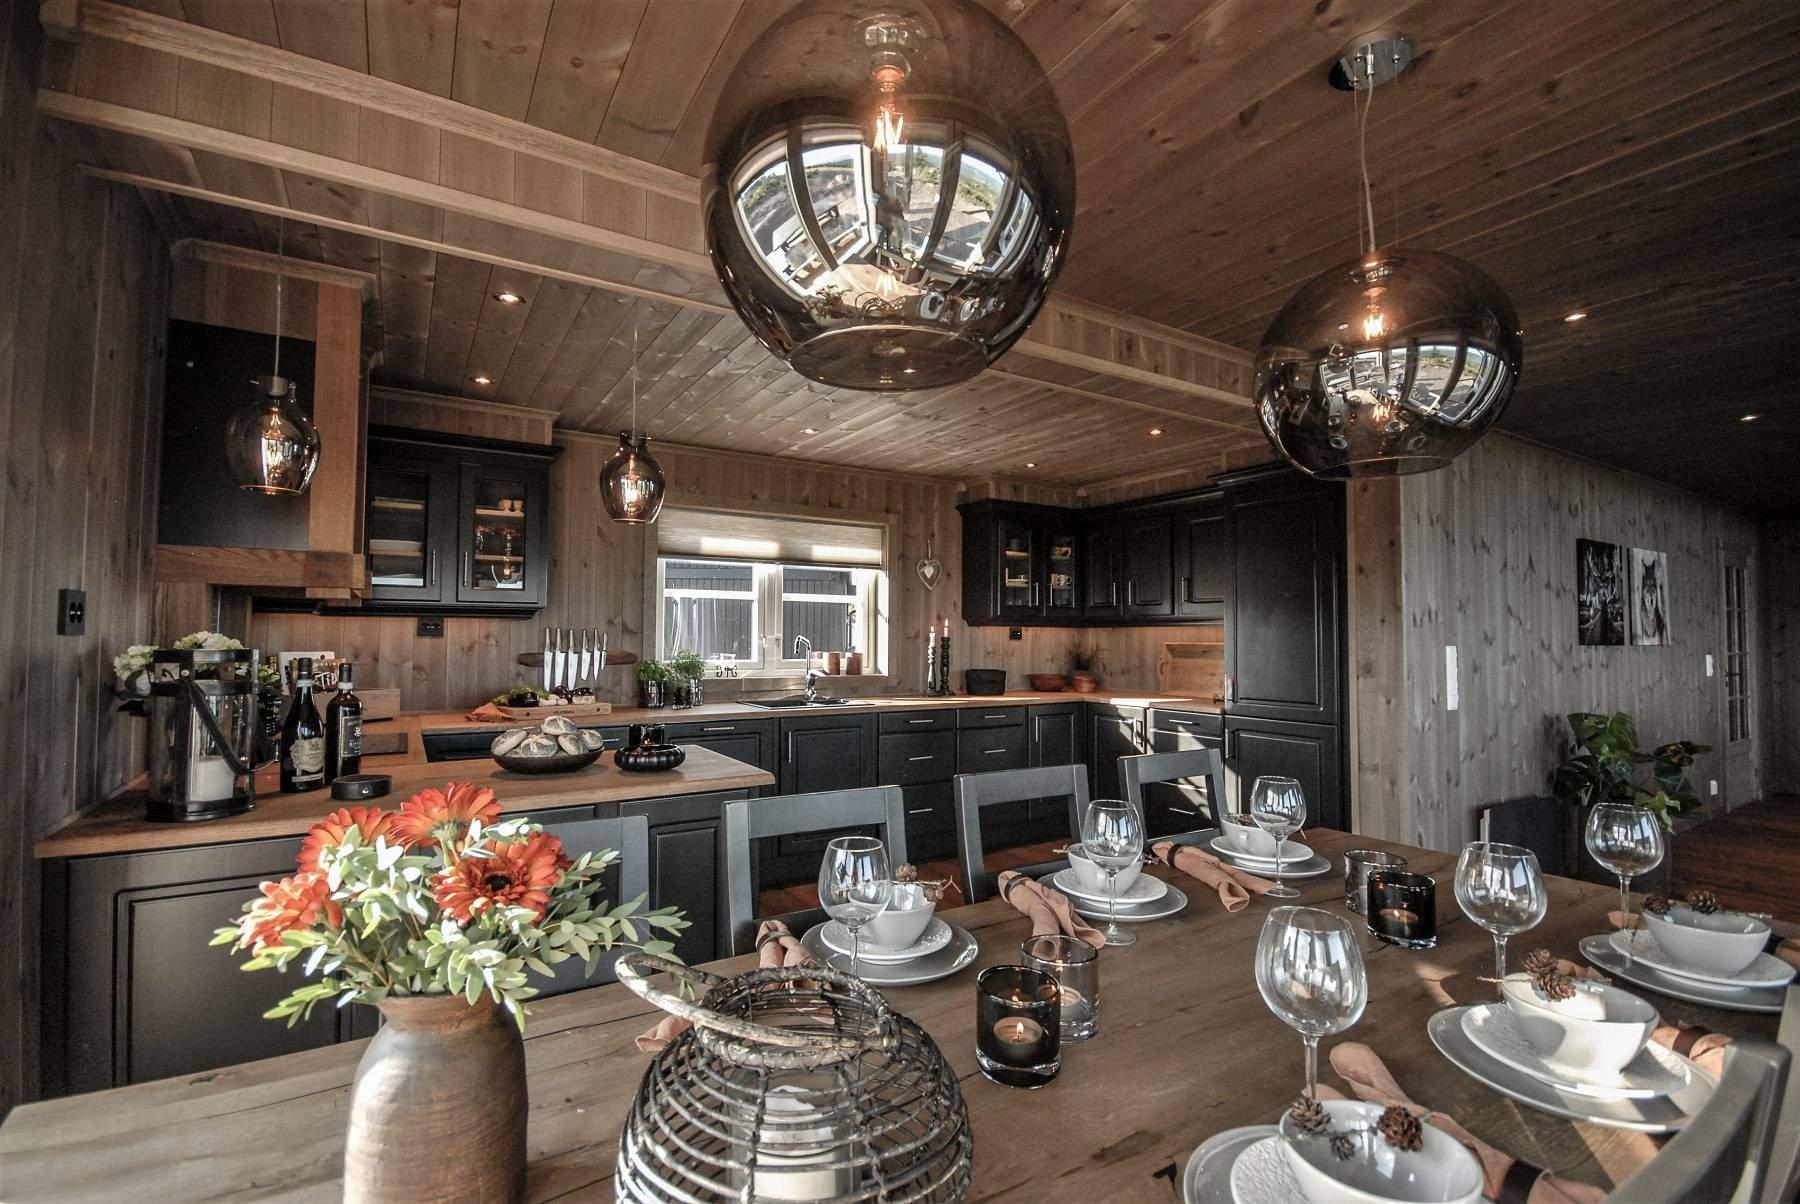 192 Hytteinteriør Hytteinspirasjon Storjuvtinden 114 på Nesbyen. Spisebordet dekket med gyldne høstfarger